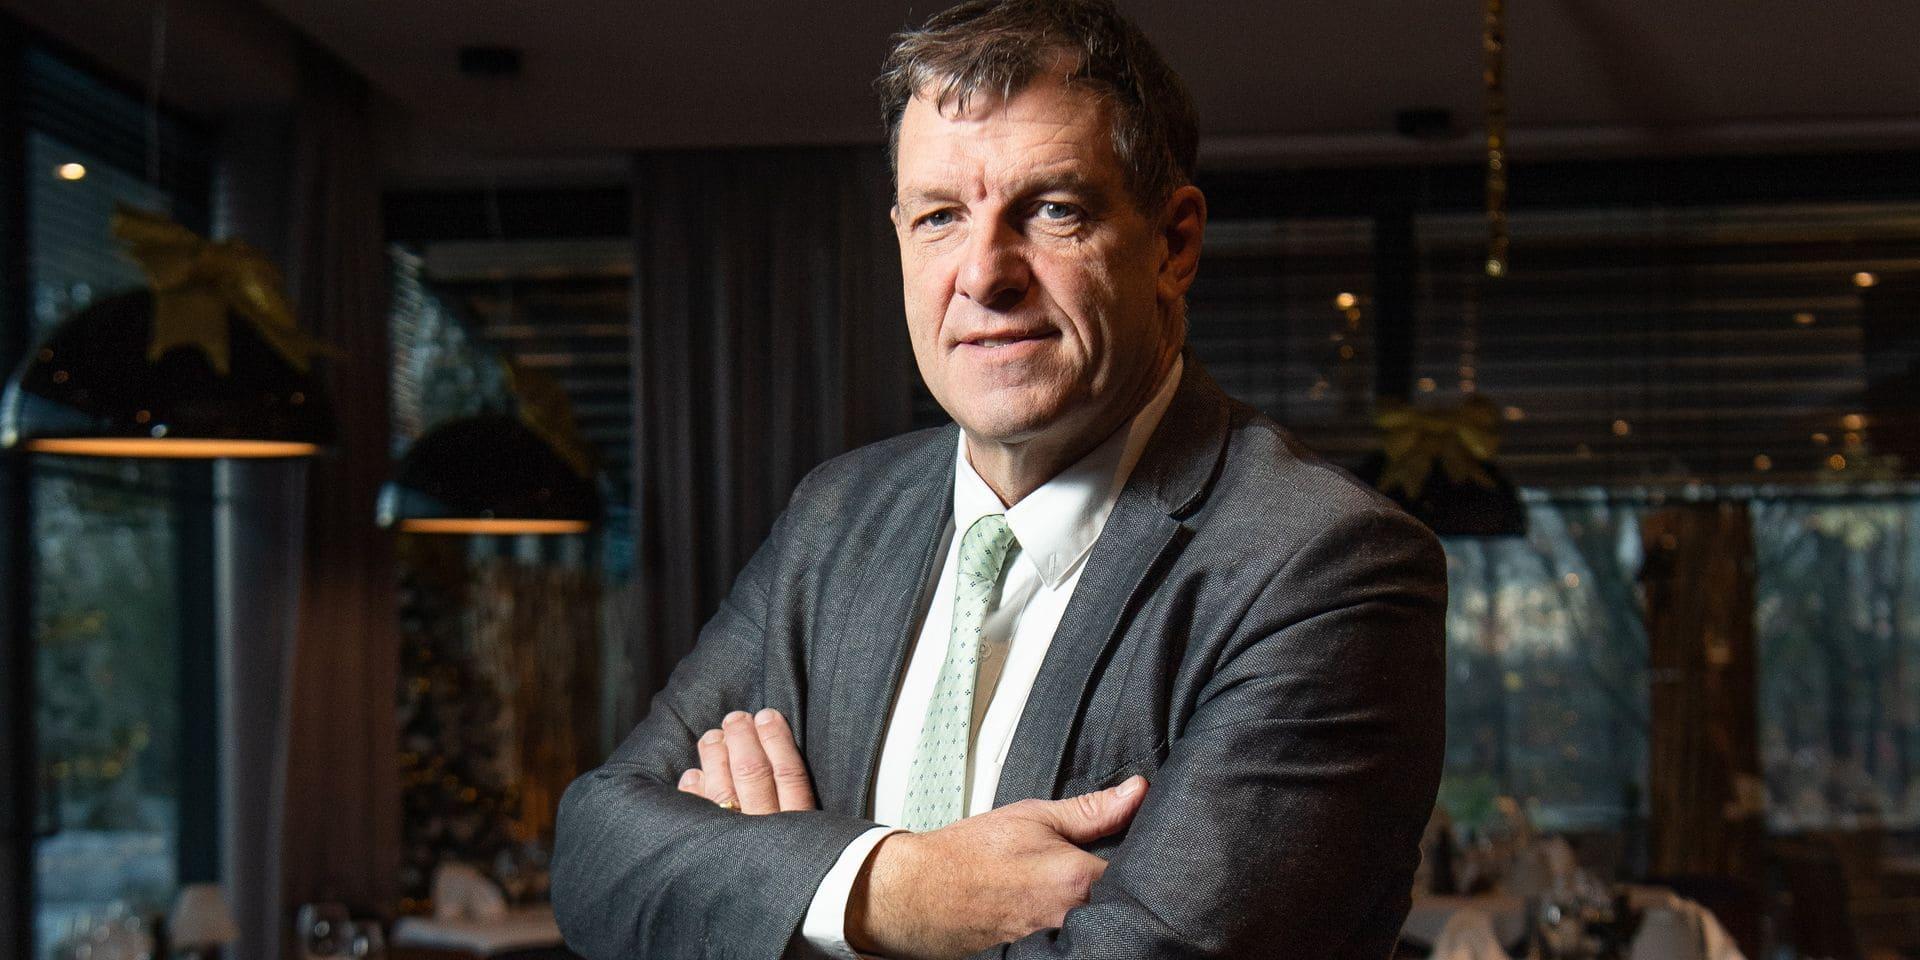 Charleroi - Gosselies: Jean-Jacques Cloquet - CEO de Brussels South Charleroi Airport (BSCA) avant son depart pour la direction de Pairi Daiza